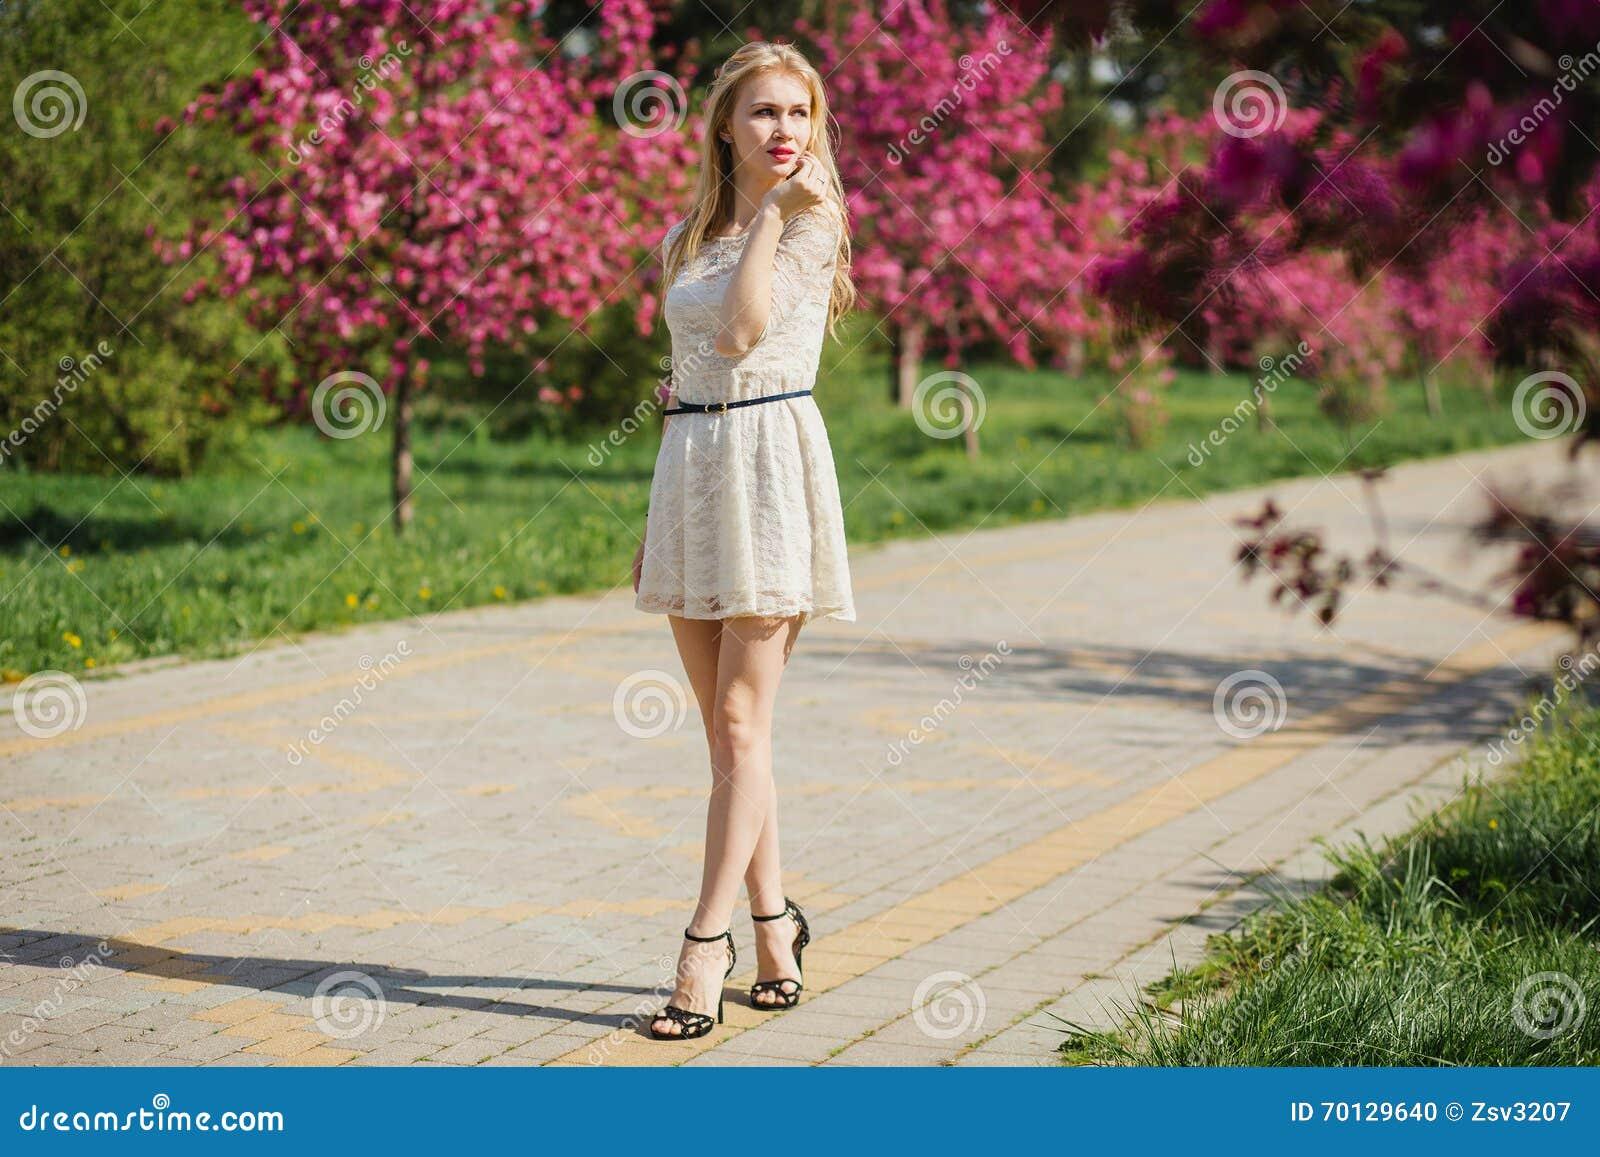 cherry blondes Pink